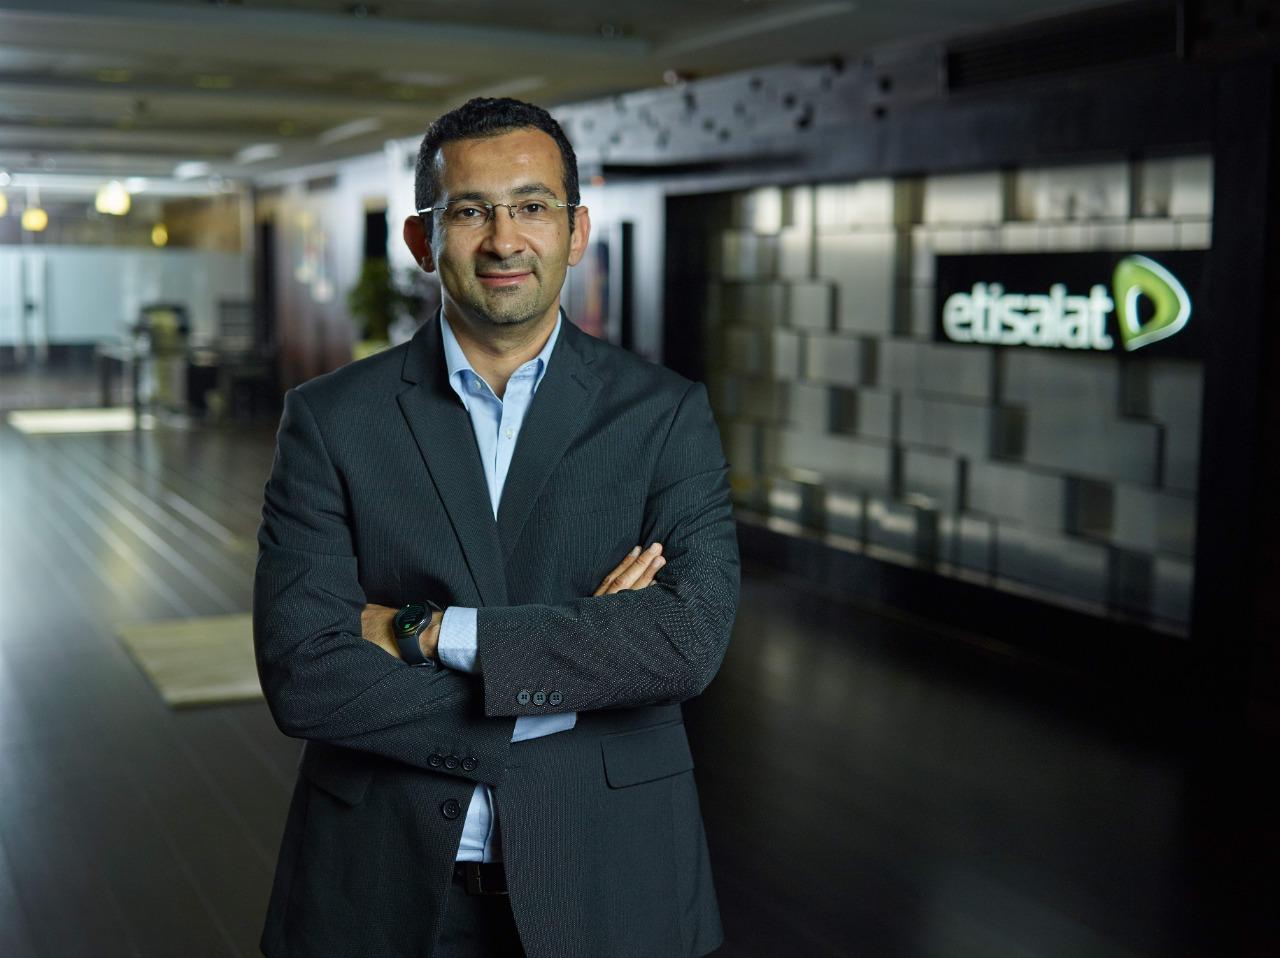 الرئيس التنفيذي للقطاع التجاري بشركة اتصالات مصر يكشف عن كواليس وتفاصيل